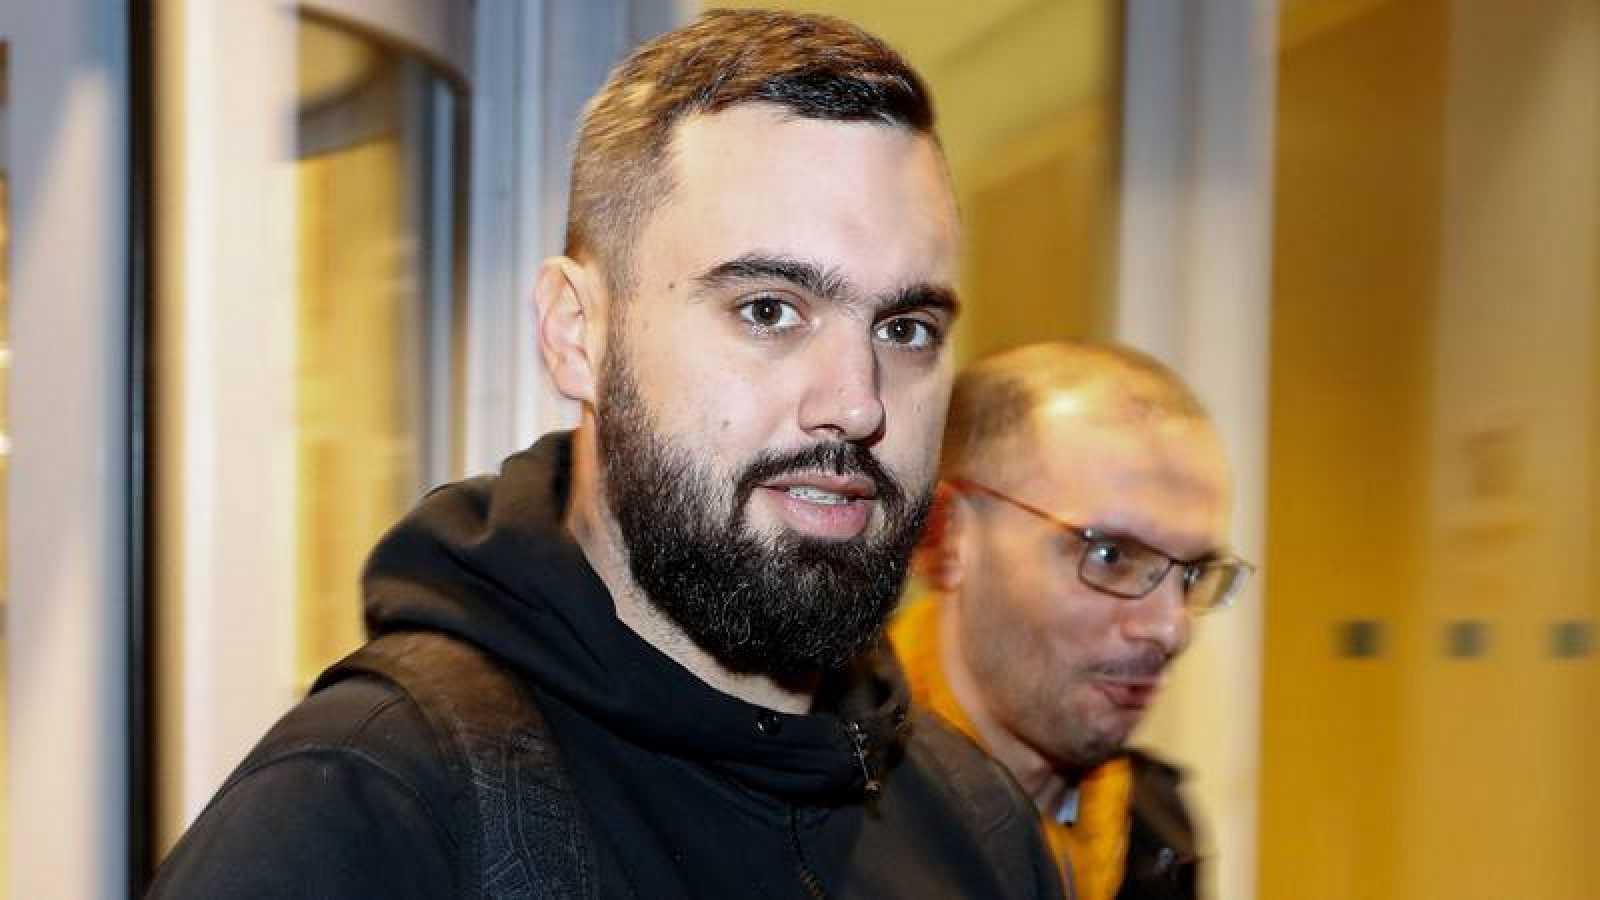 """Éric Drouet, camionero francés de 33 años y uno de los impulsores de los """"chalecos amarillos"""""""